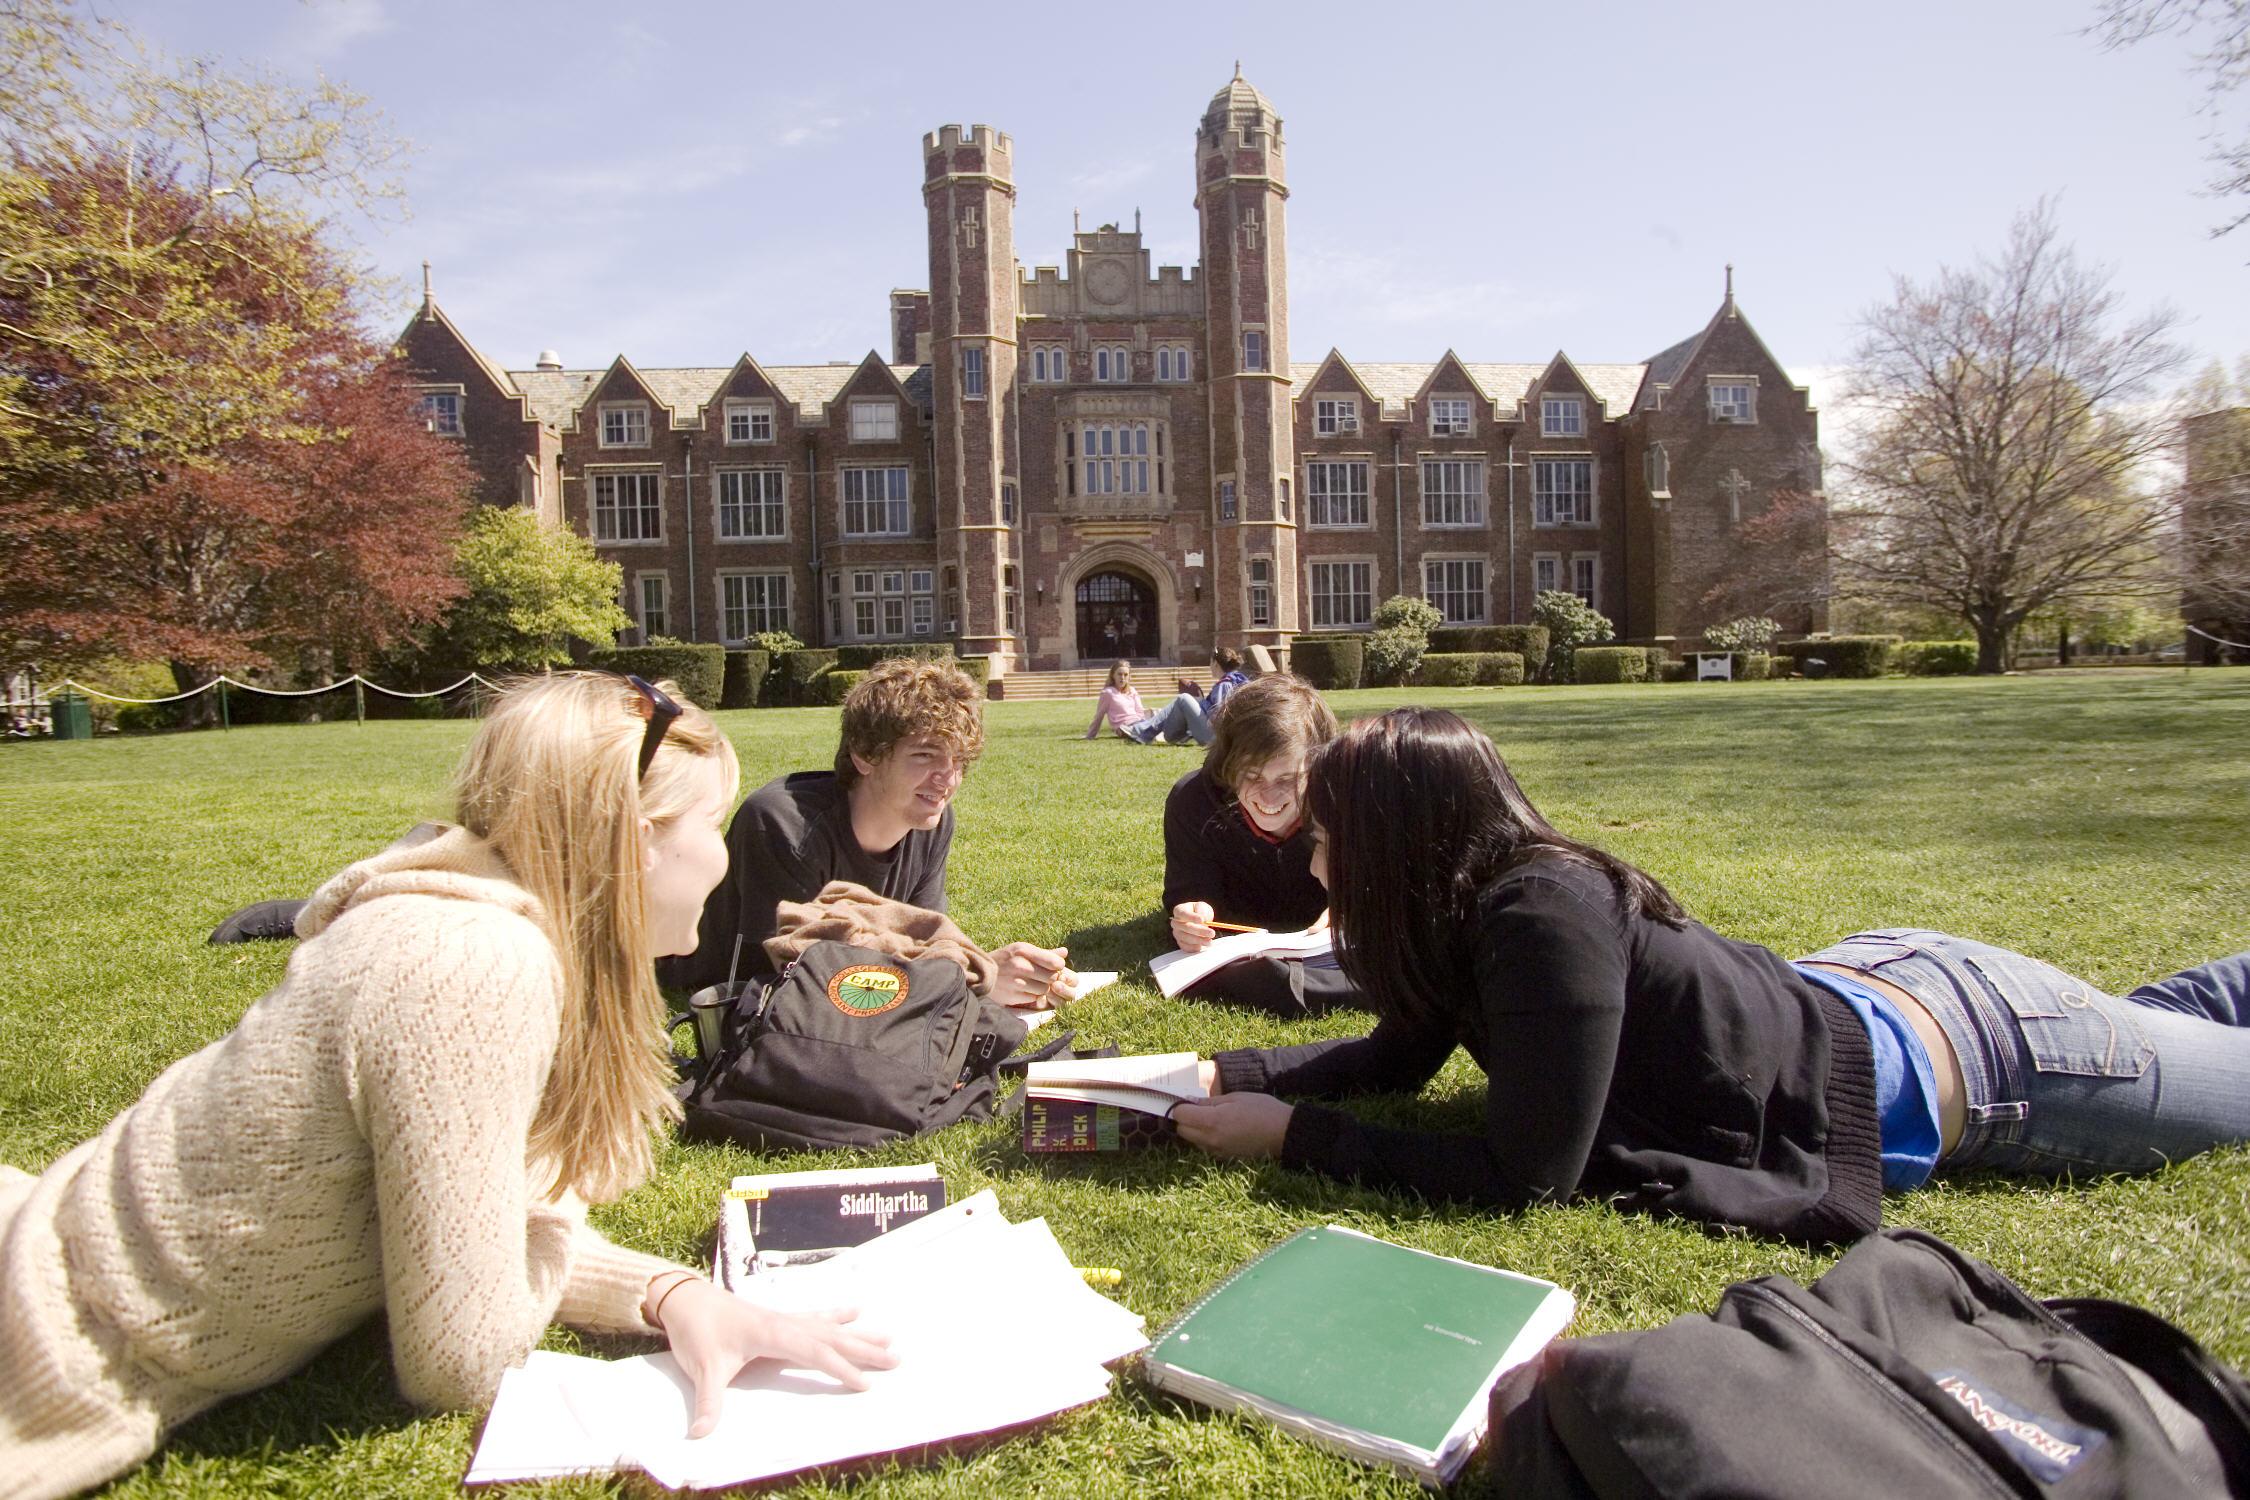 Как студентам с истекшей визой будут отсчитывать срок нелегального пребывания